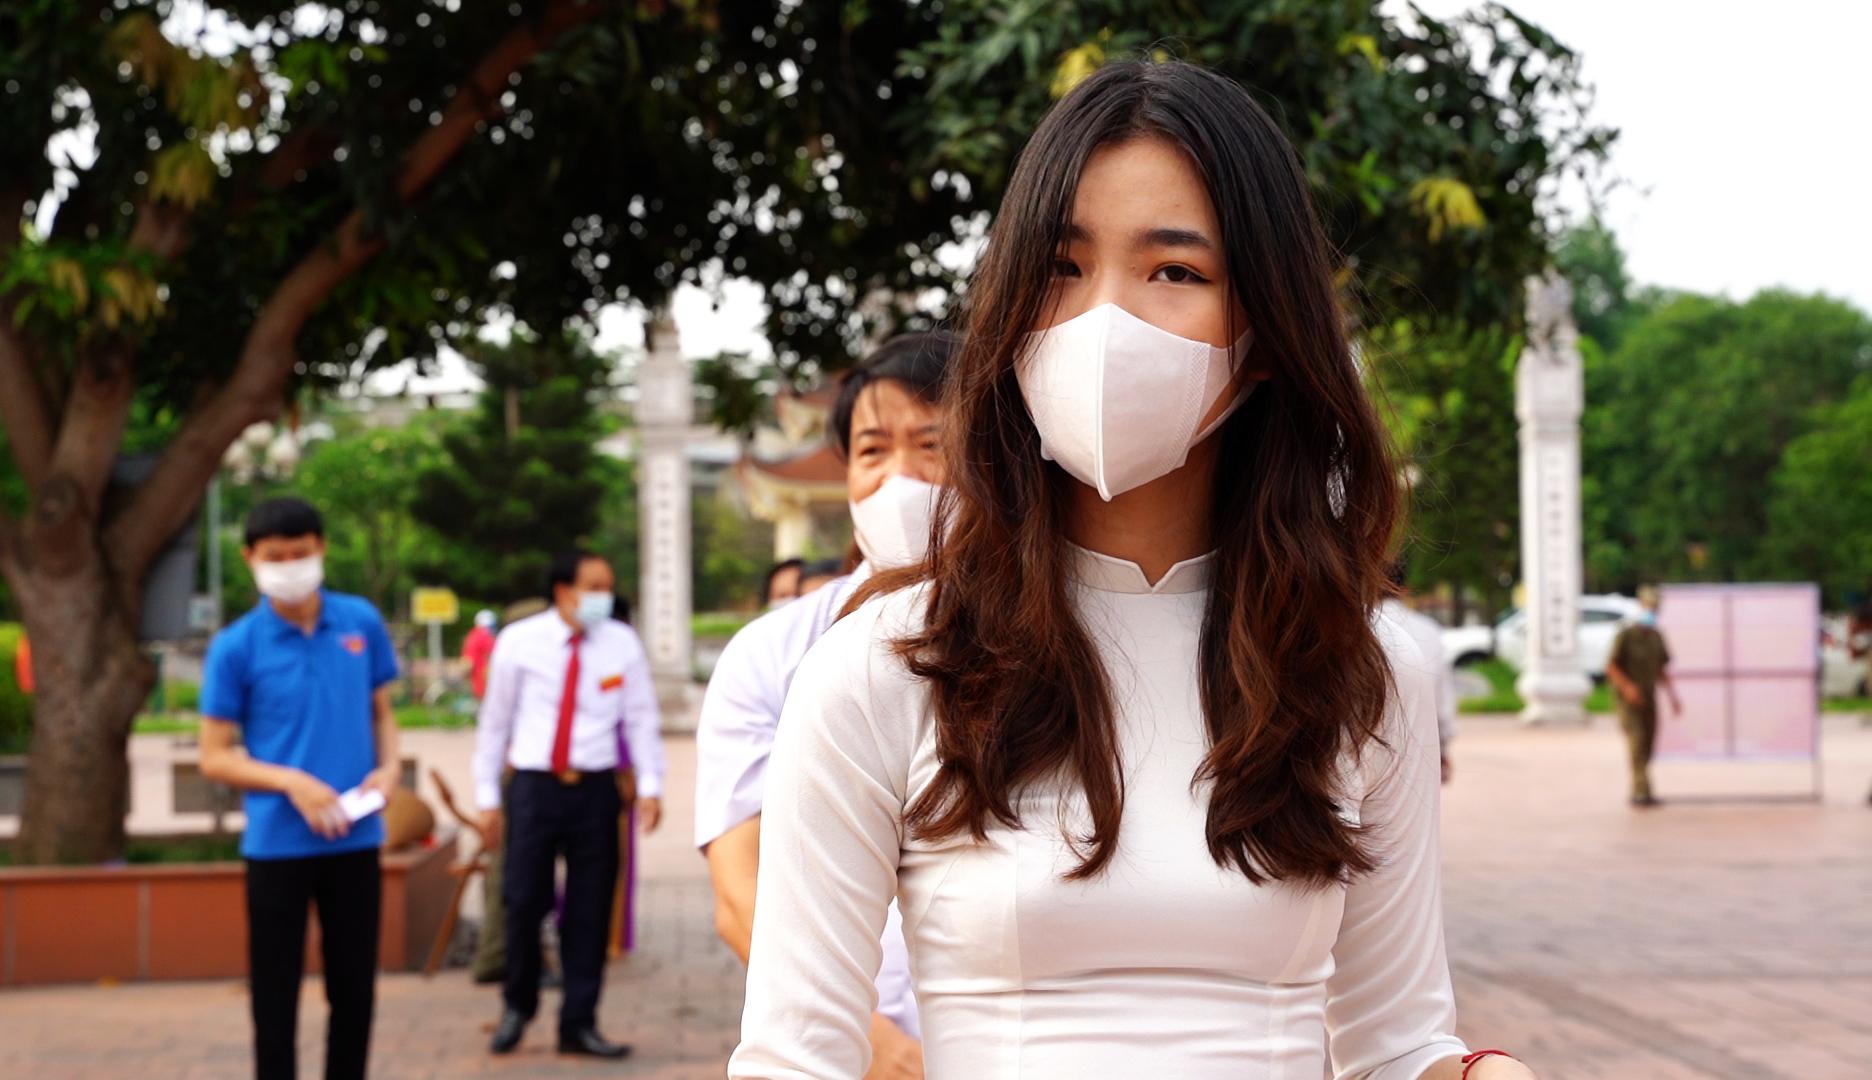 """Thiếu nữ Hà Thành 18 tuổi, lần đầu đi bầu cử: """"Cảm thấy tự hào, vì đã góp phần xây dựng bộ máy chính quyền nhà nước"""" - Ảnh 2."""